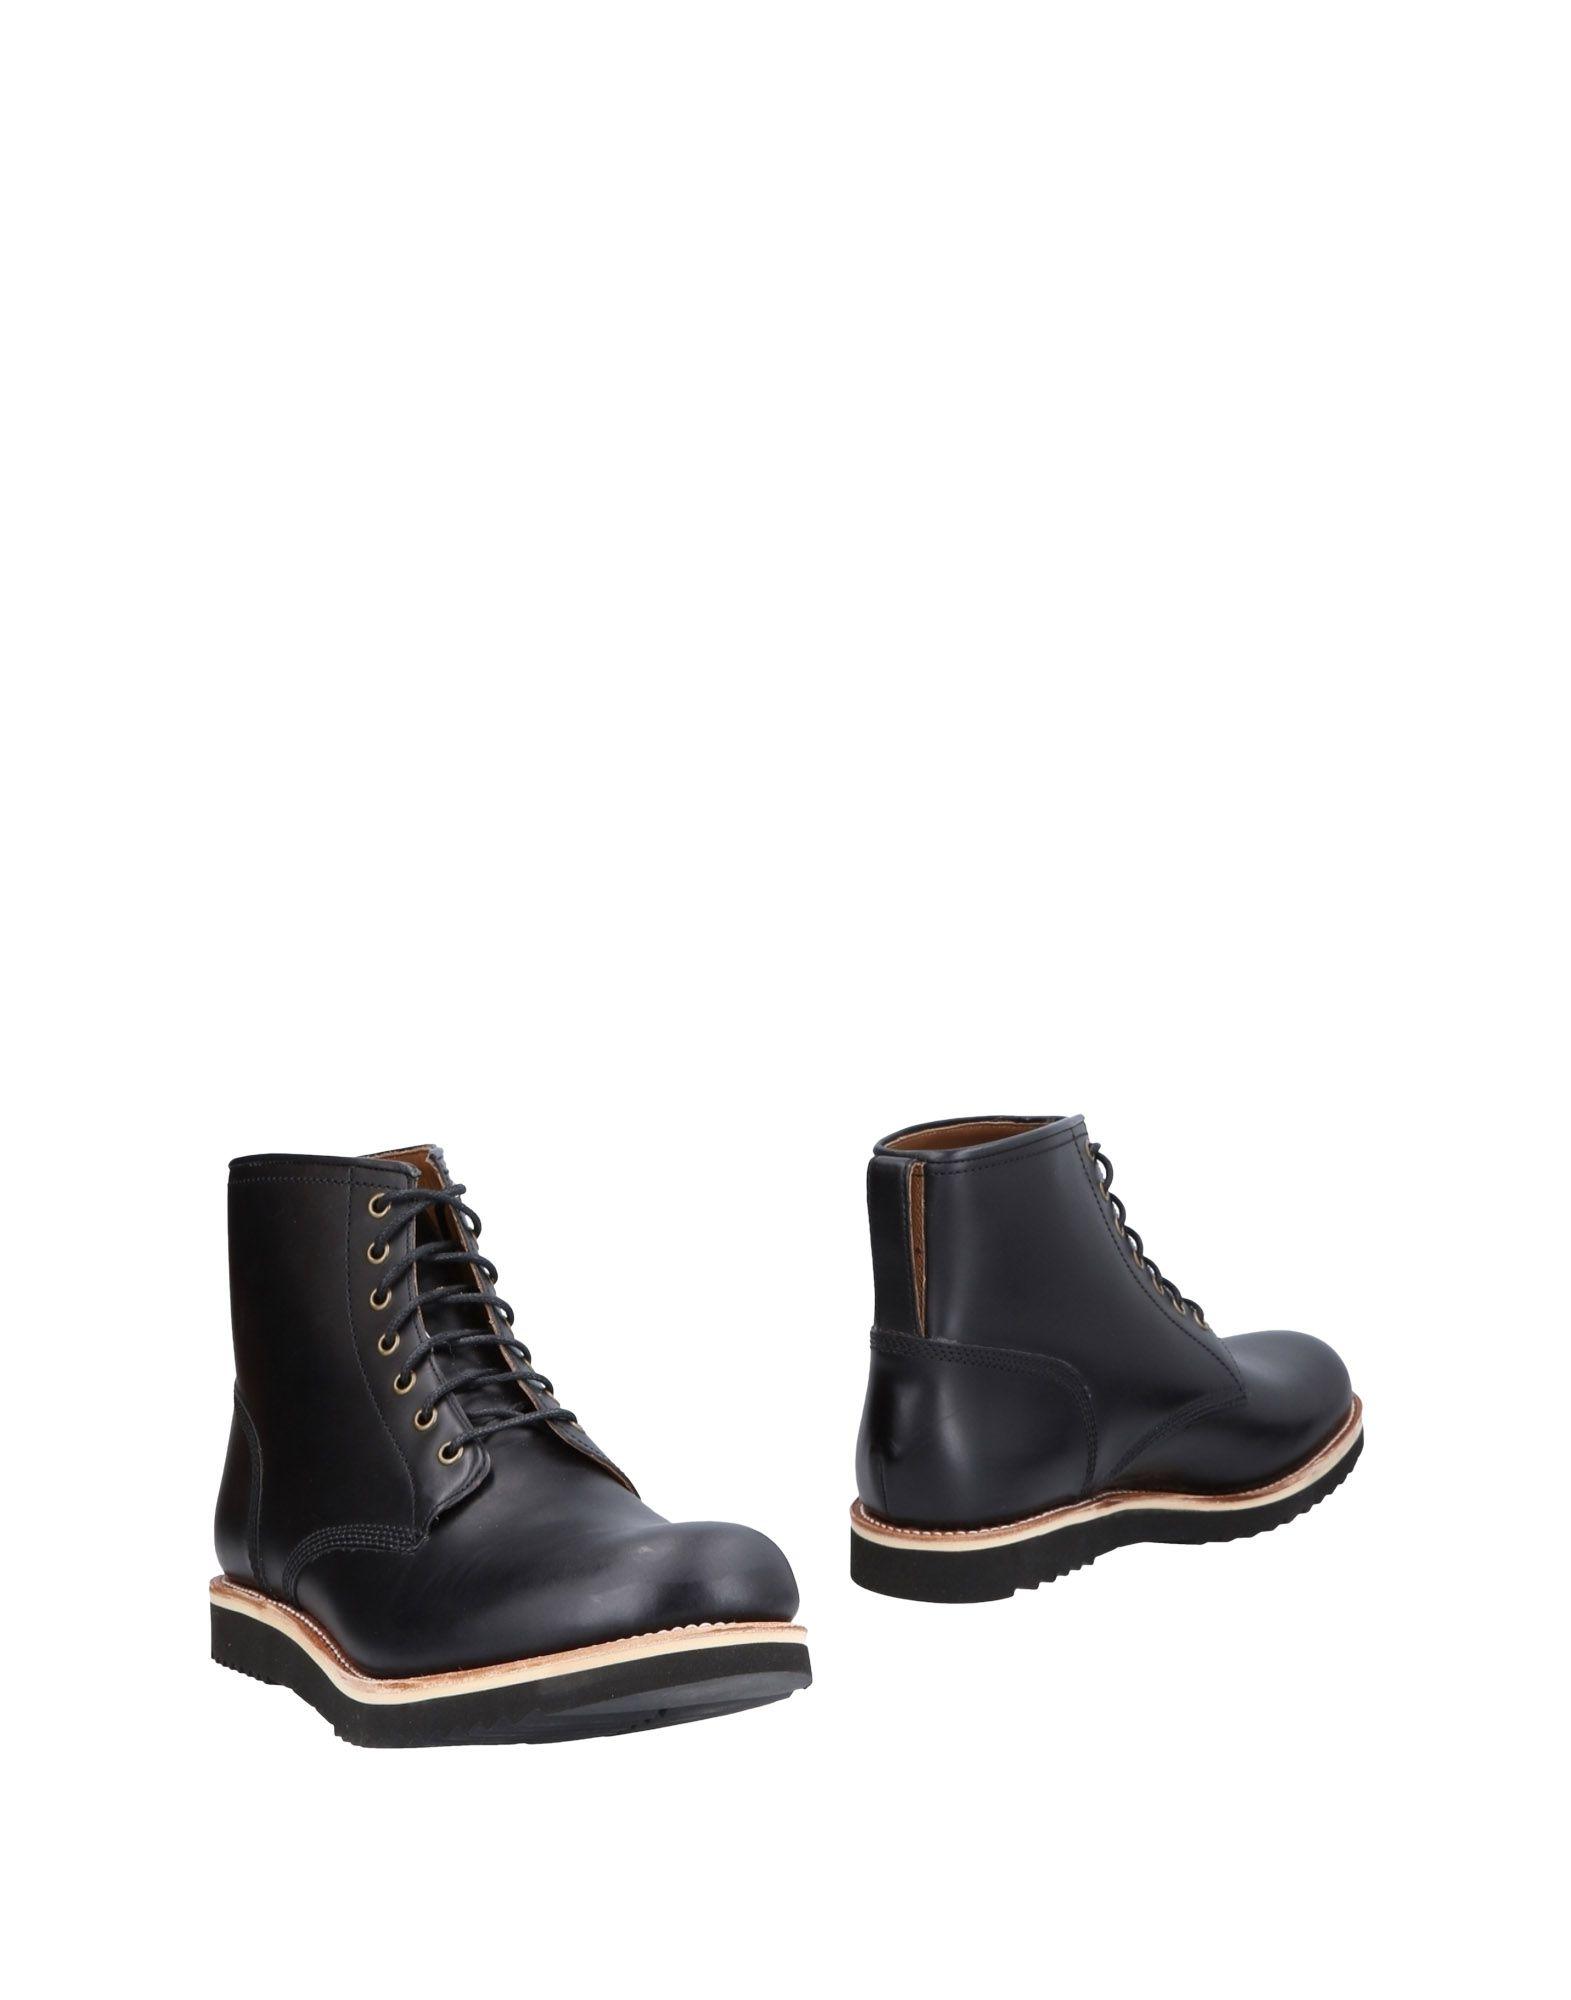 Grenson Stiefelette Herren  11453675KC Gute Qualität beliebte Schuhe